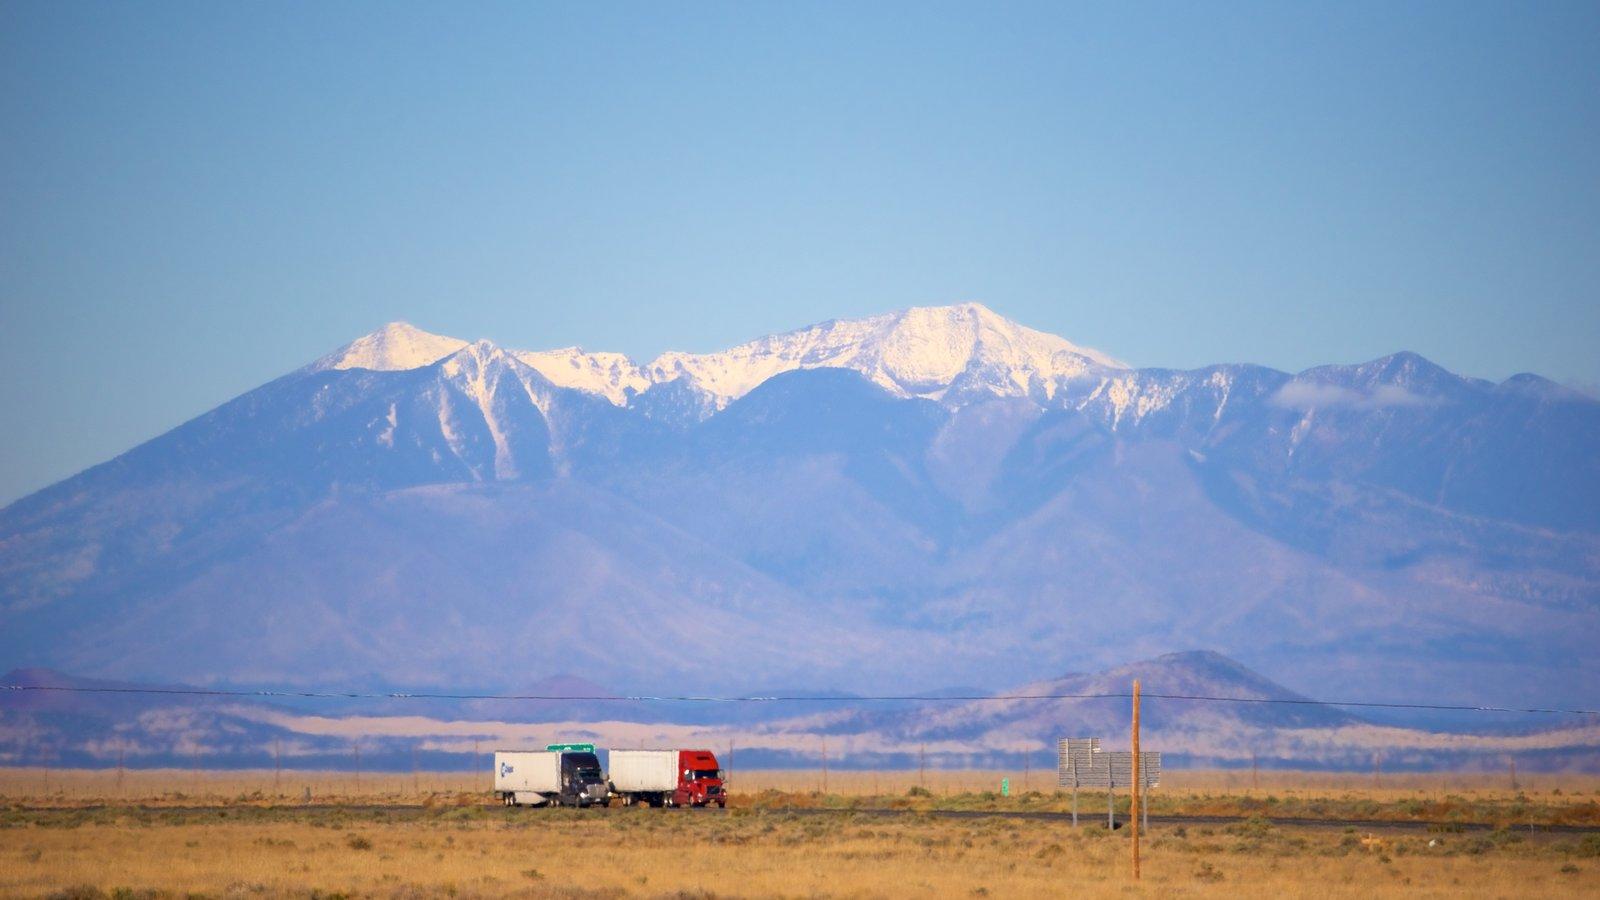 Humphreys Peak que inclui cenas tranquilas, paisagens do deserto e montanhas